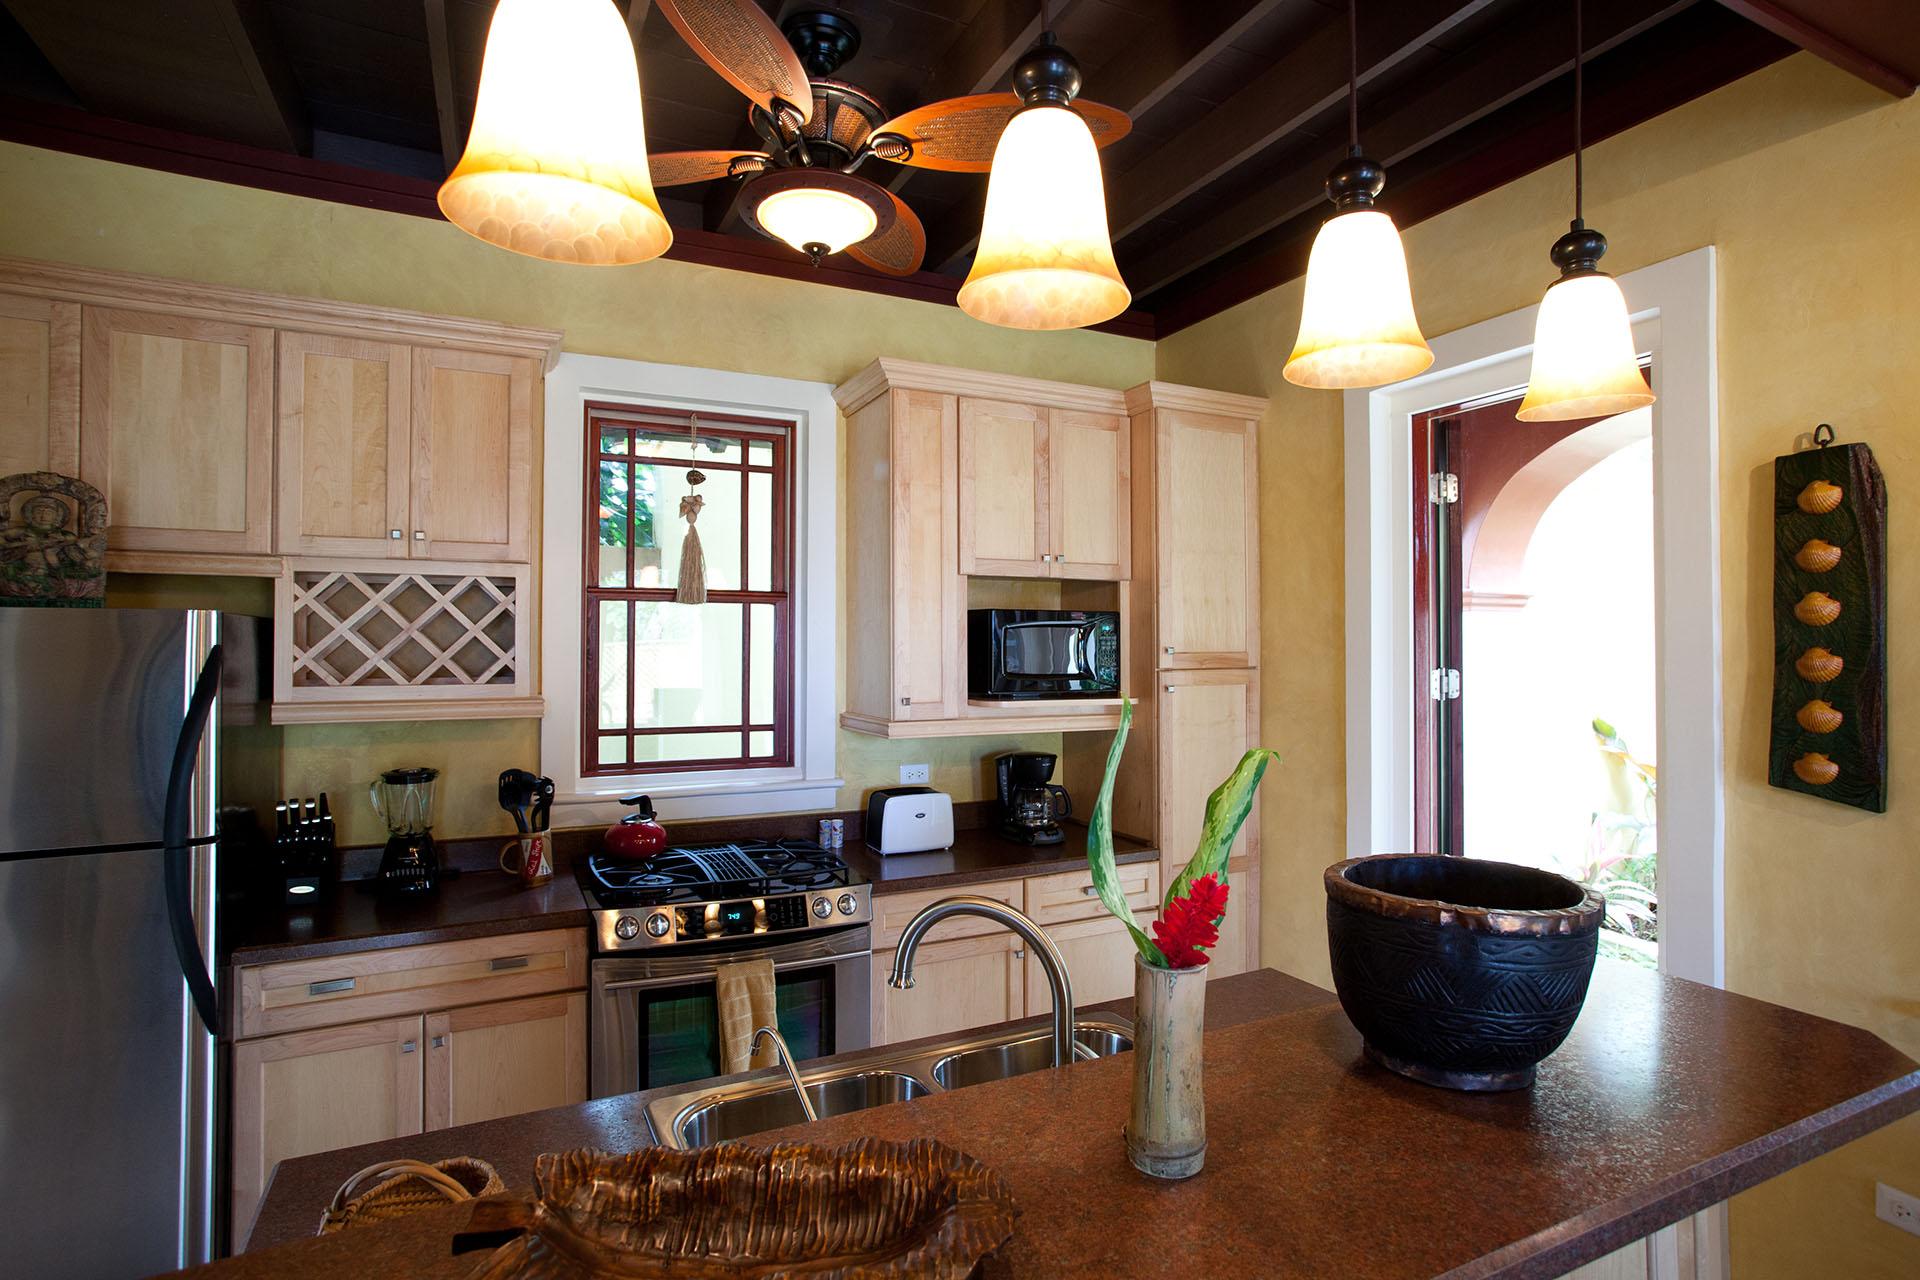 Calabash kitchen